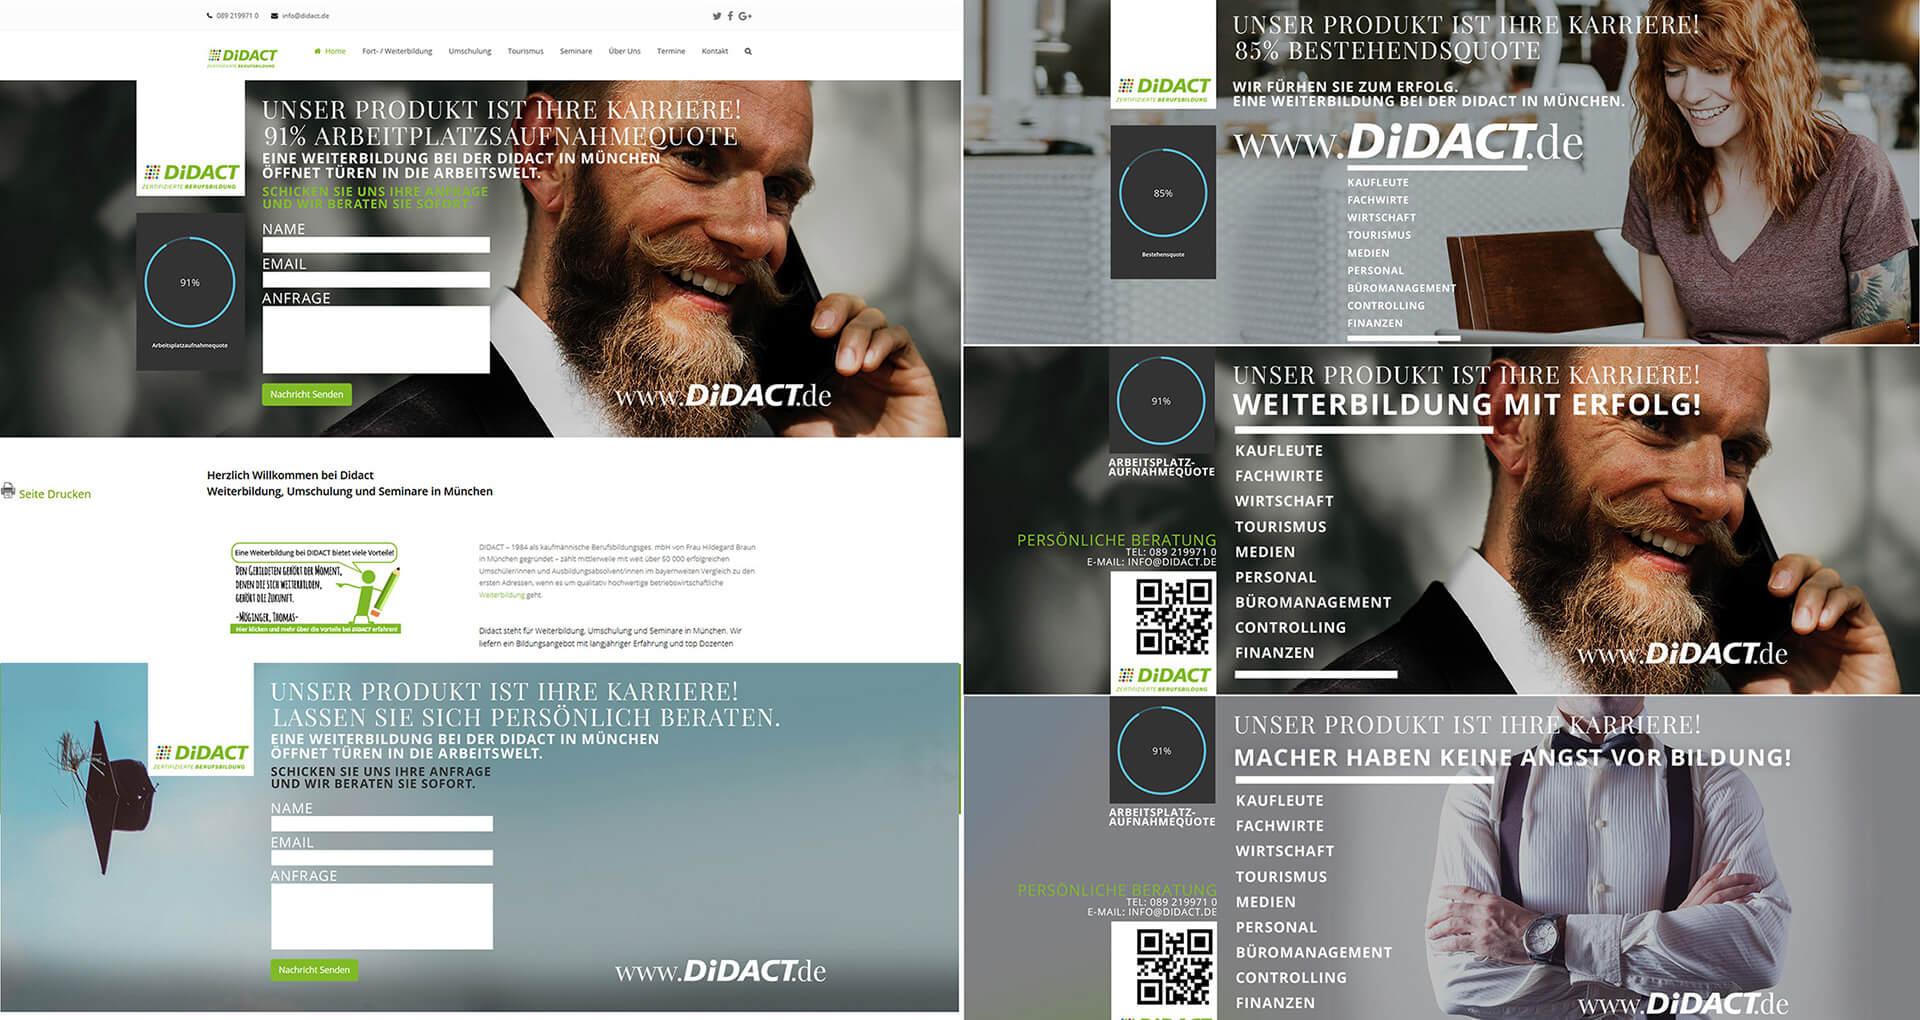 webdesign wordpress social media marketing html5 css newsletter responsive banner 006